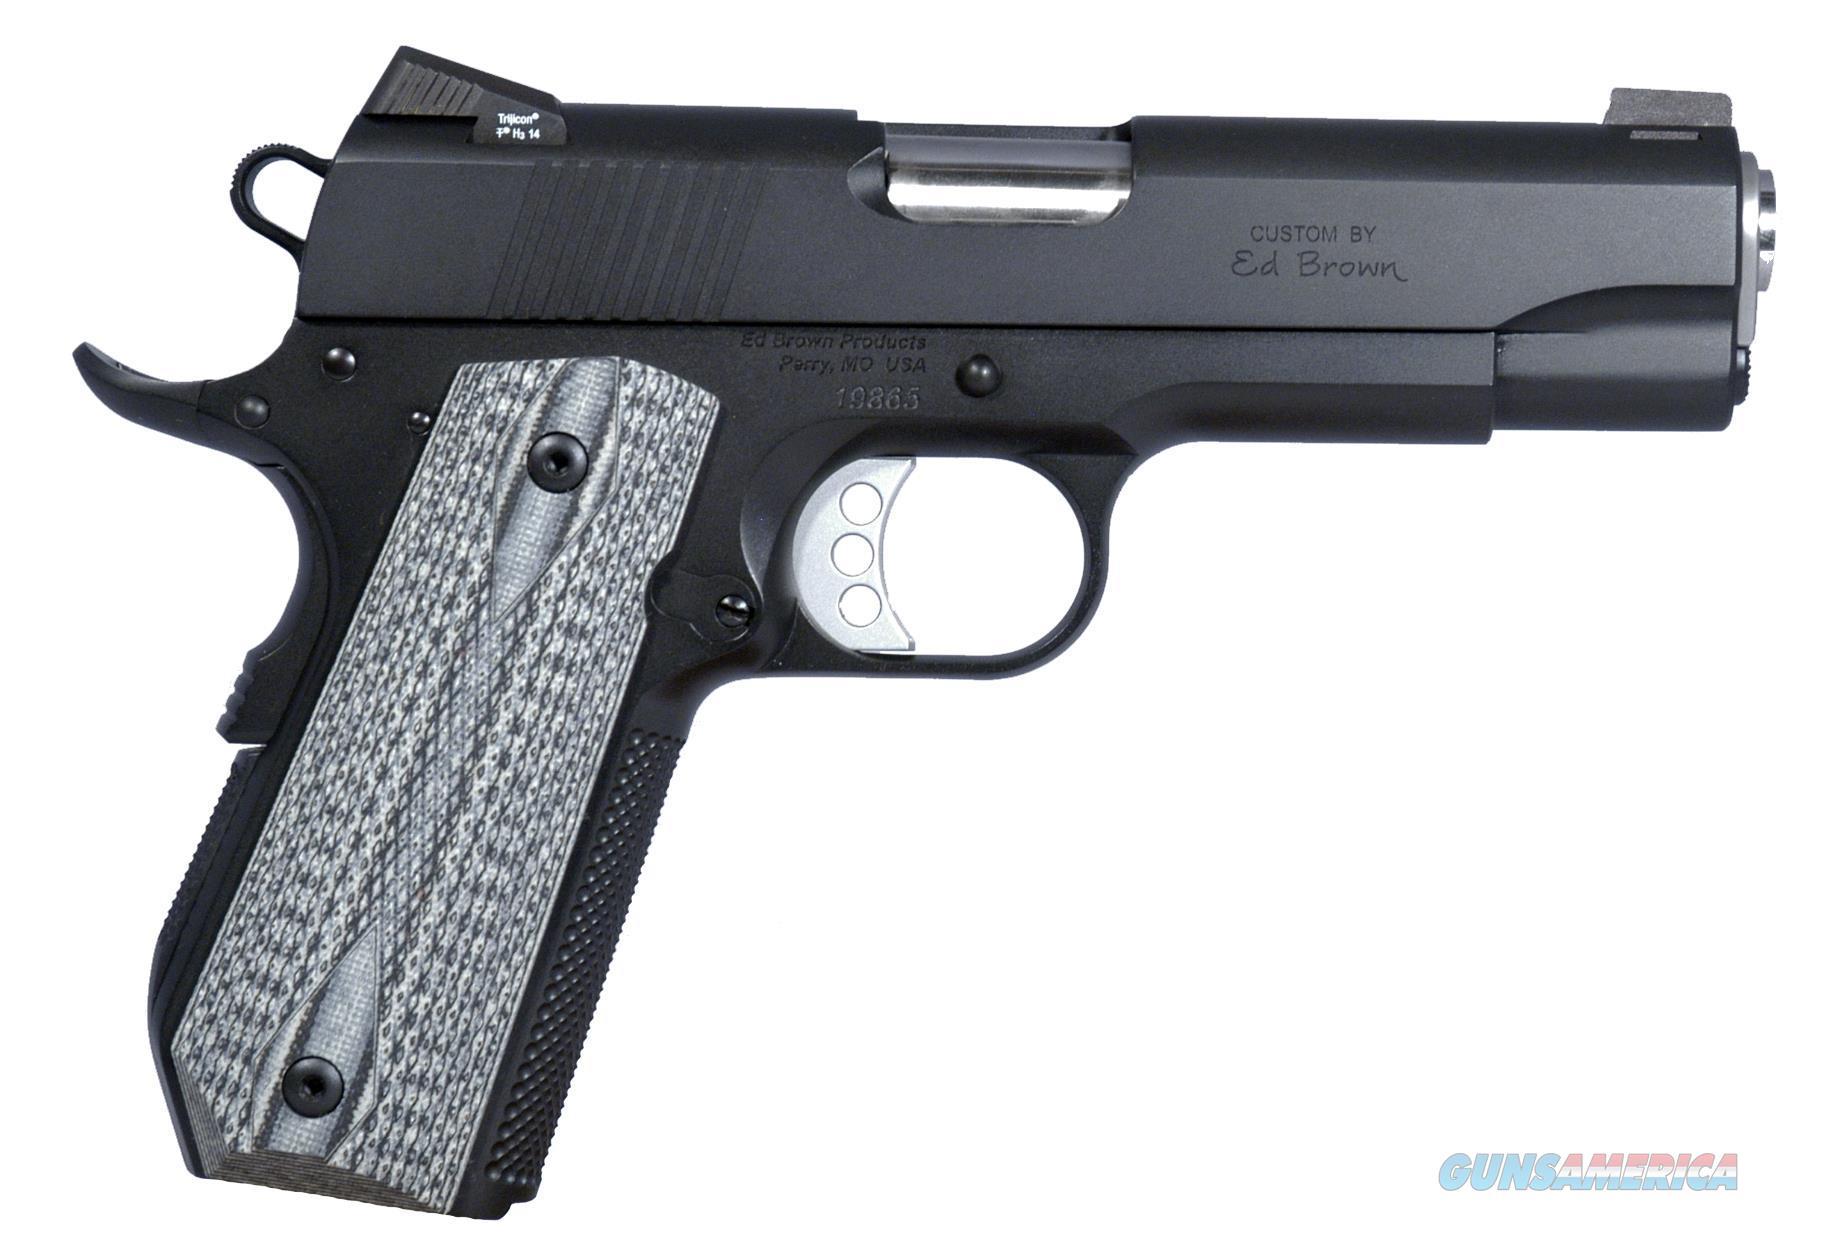 """Ed Brown Sfc3ssg4 Special Forces Carry Soa 45 Automatic Colt Pistol (Acp) 4.25"""" 7+1 Blk/Gray G10 Grip Blk Gen4 SFC3SSG4  Guns > Pistols > E Misc Pistols"""